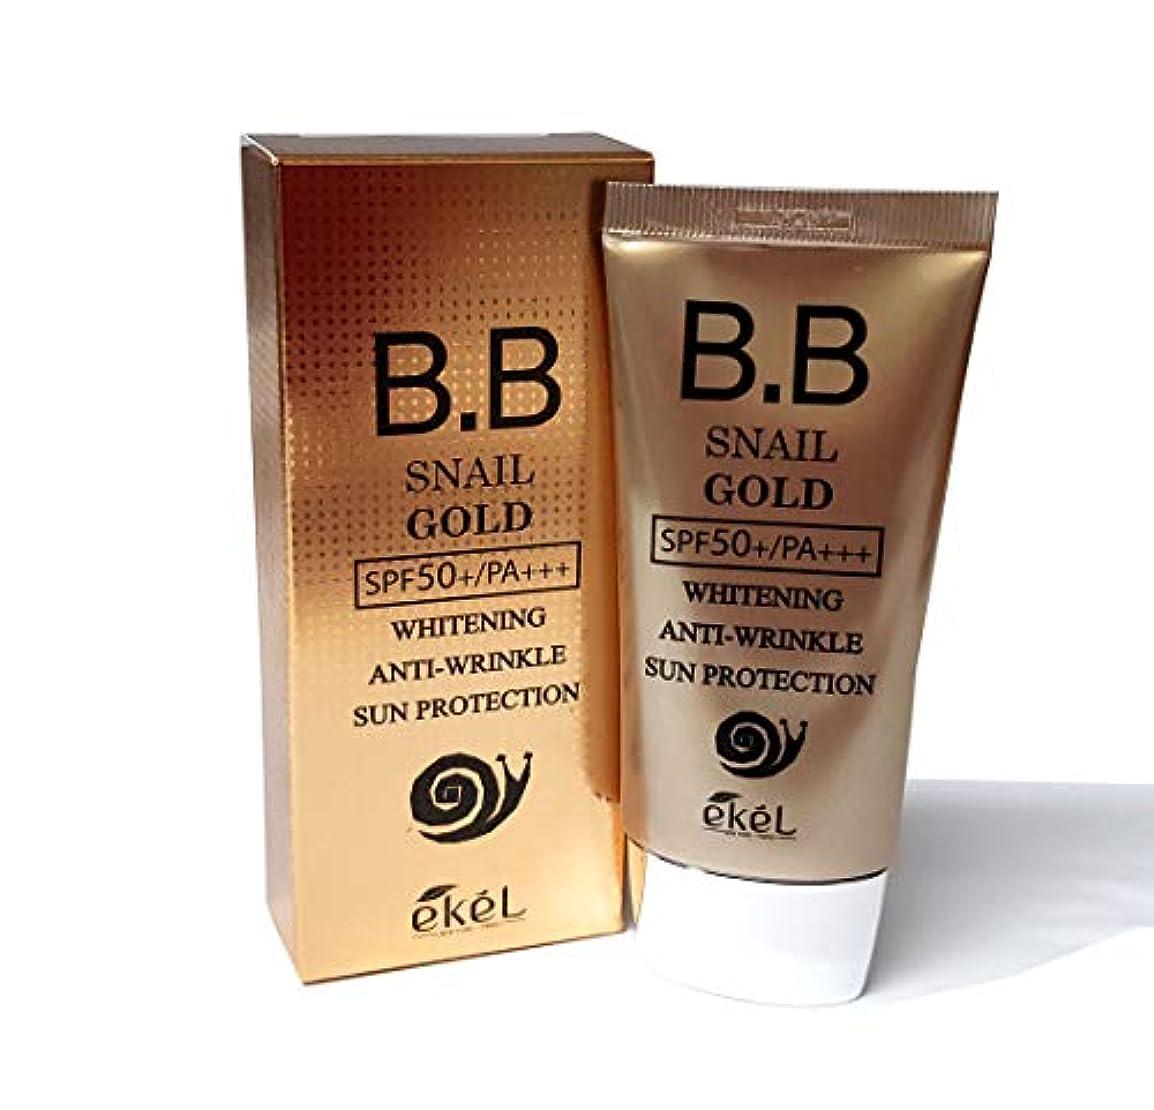 台無しに美人メイド[Ekel] カタツムリゴールドBB 50ml SPF50 + PA +++ / Snail Gold BB 50ml SPF50+PA+++ /ホワイトニング、UVカット/Whitening,UV protection...